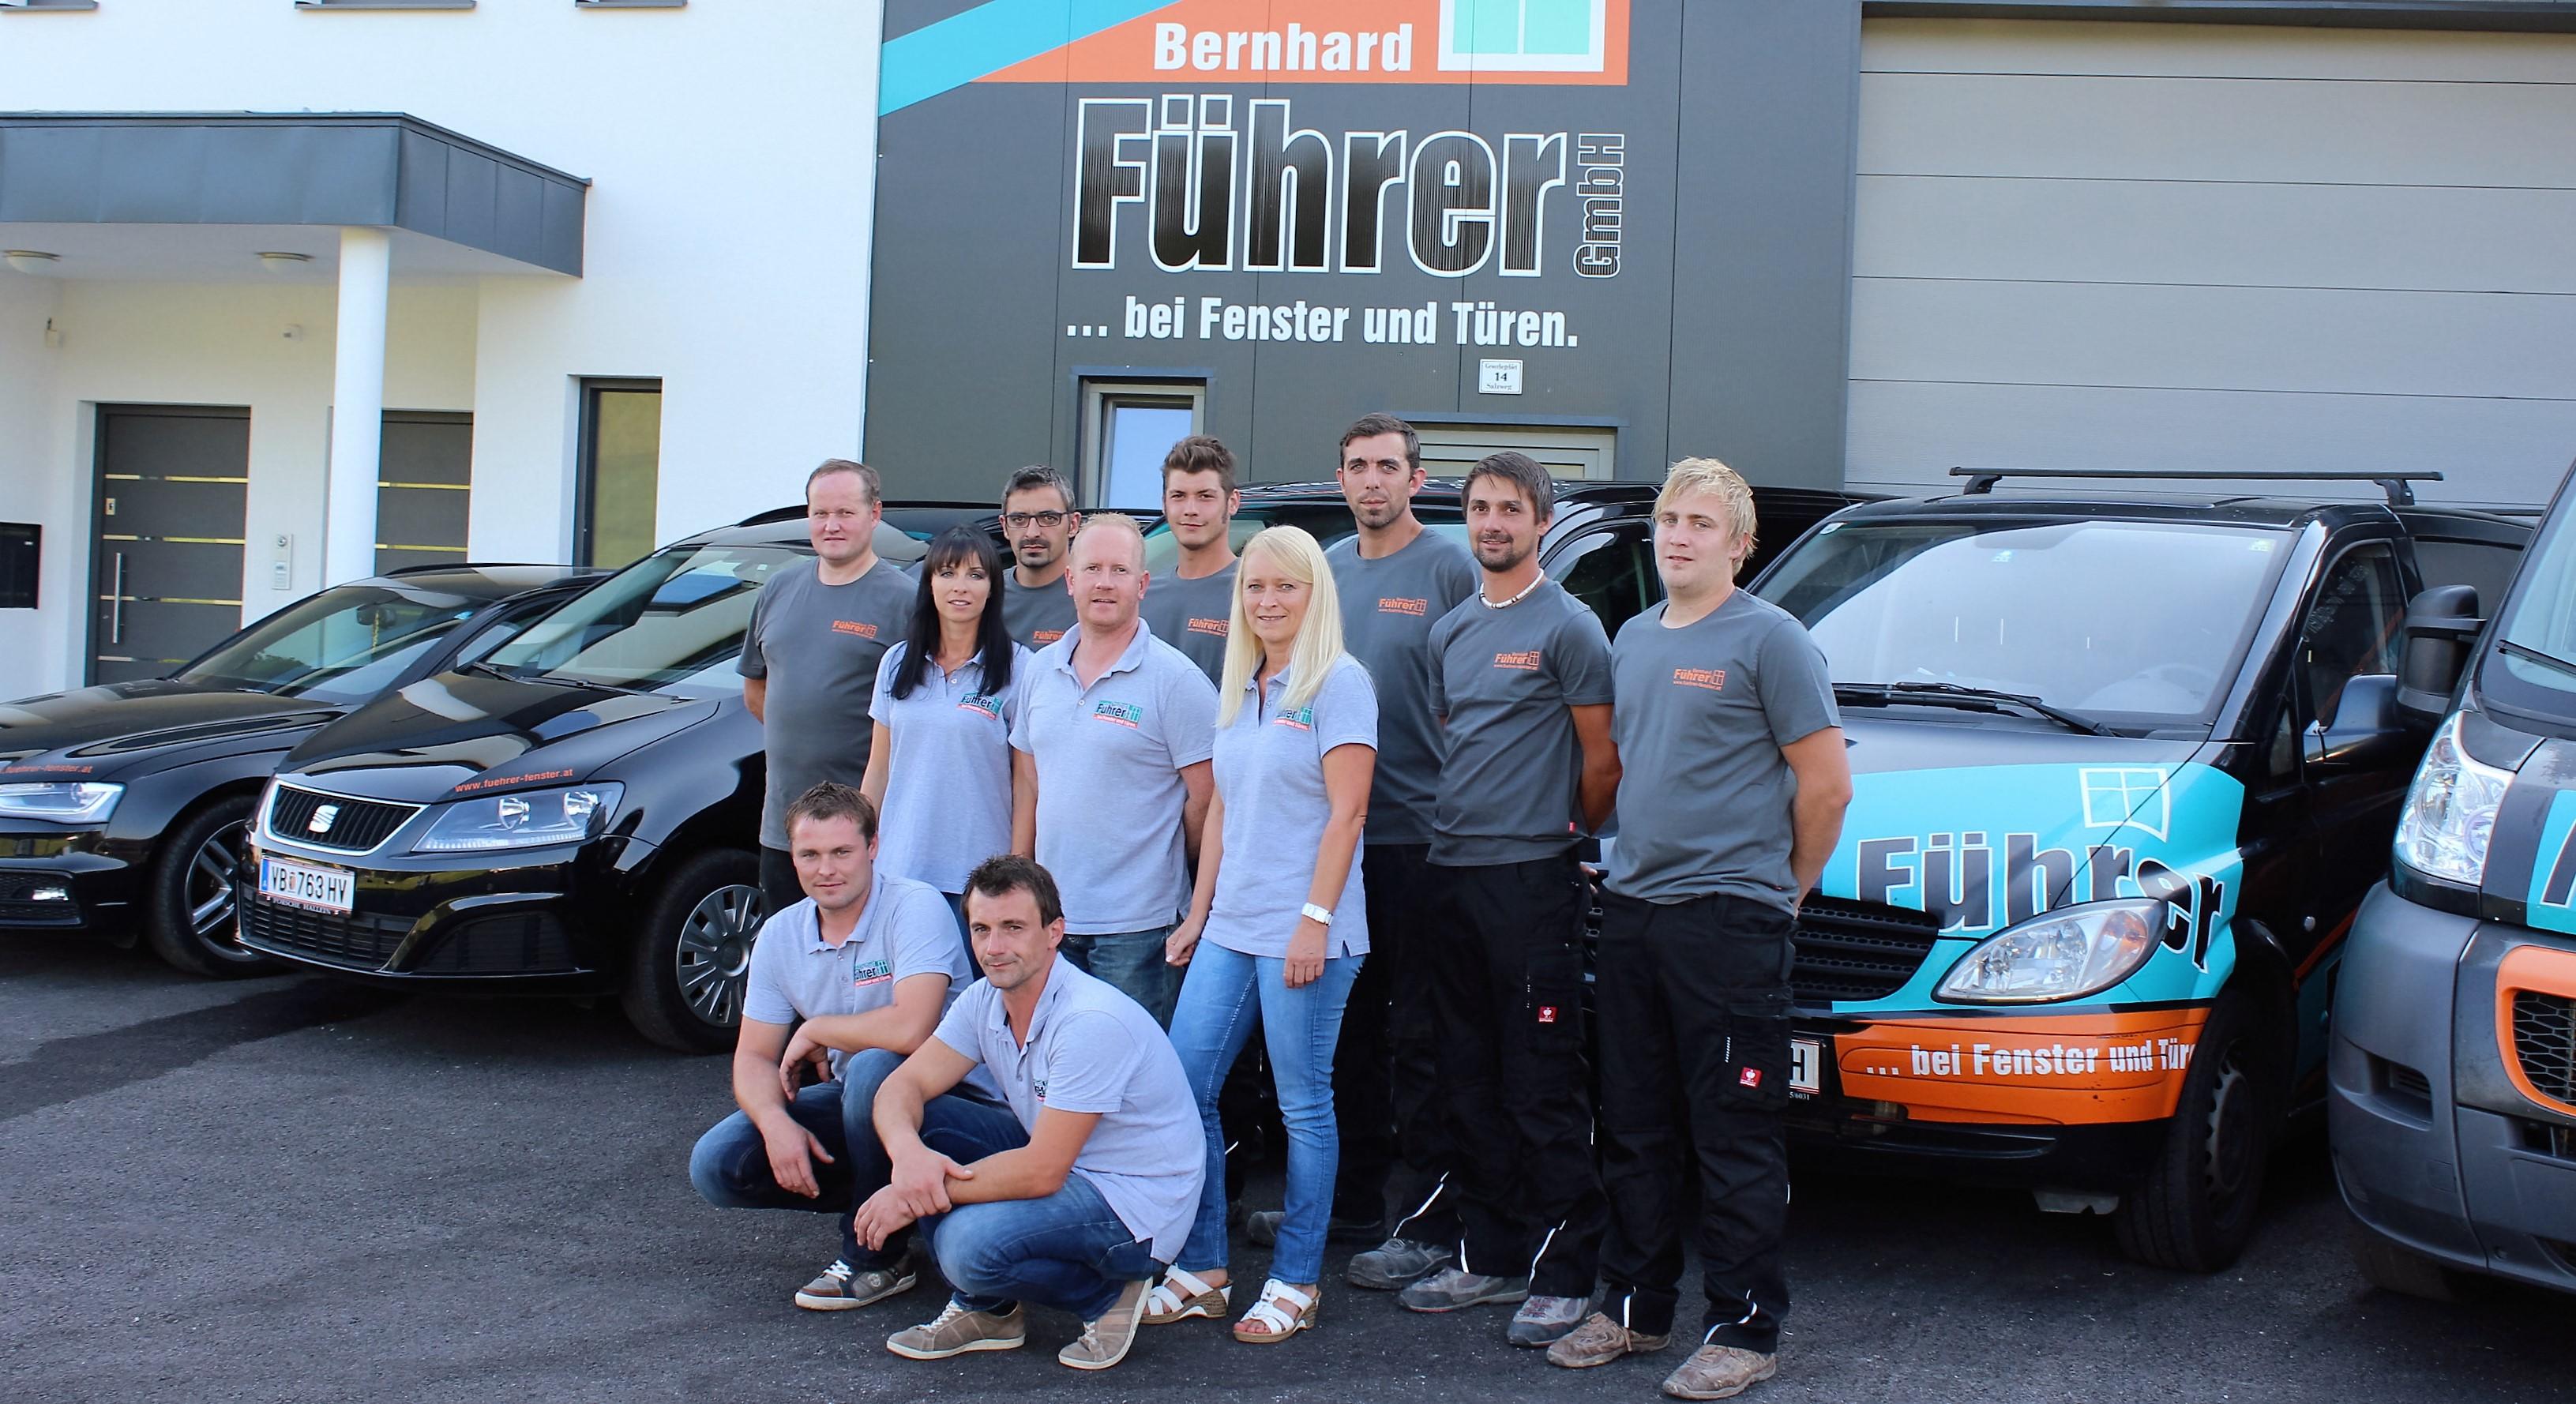 team-fuehrer-fenster-salzburg-mondsee-kopie